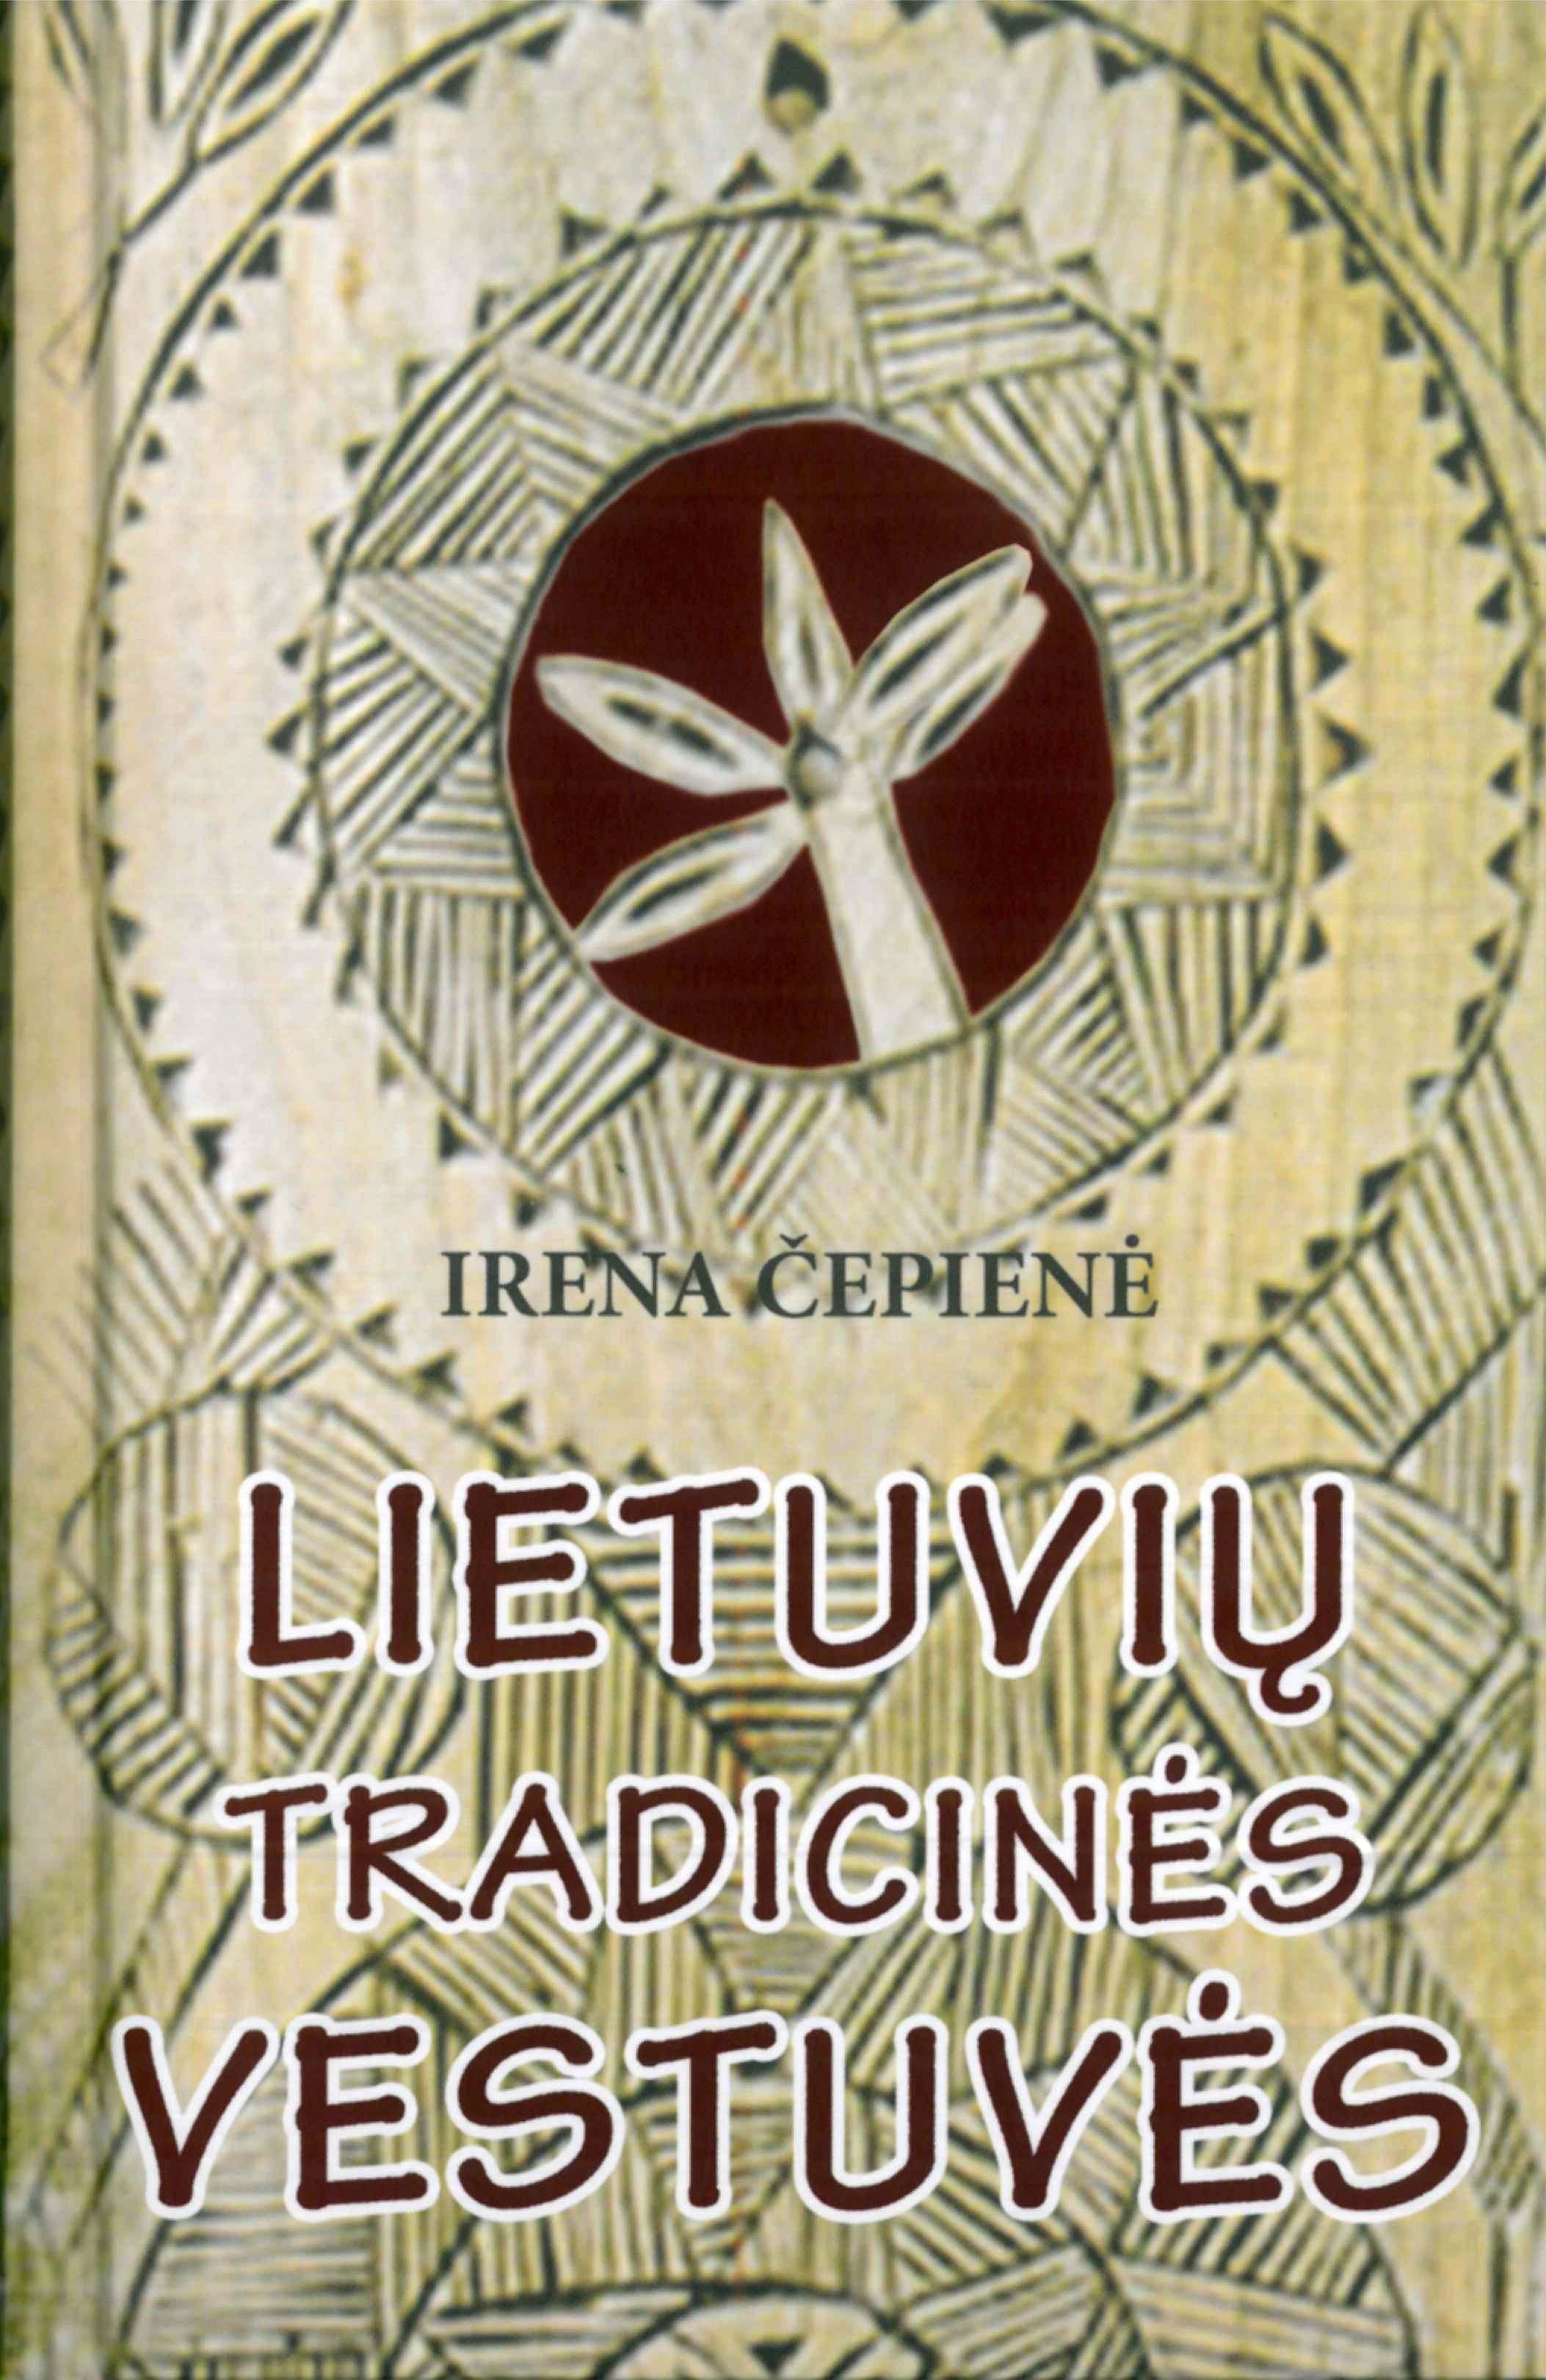 Lietuvių tradicinės vestuvės